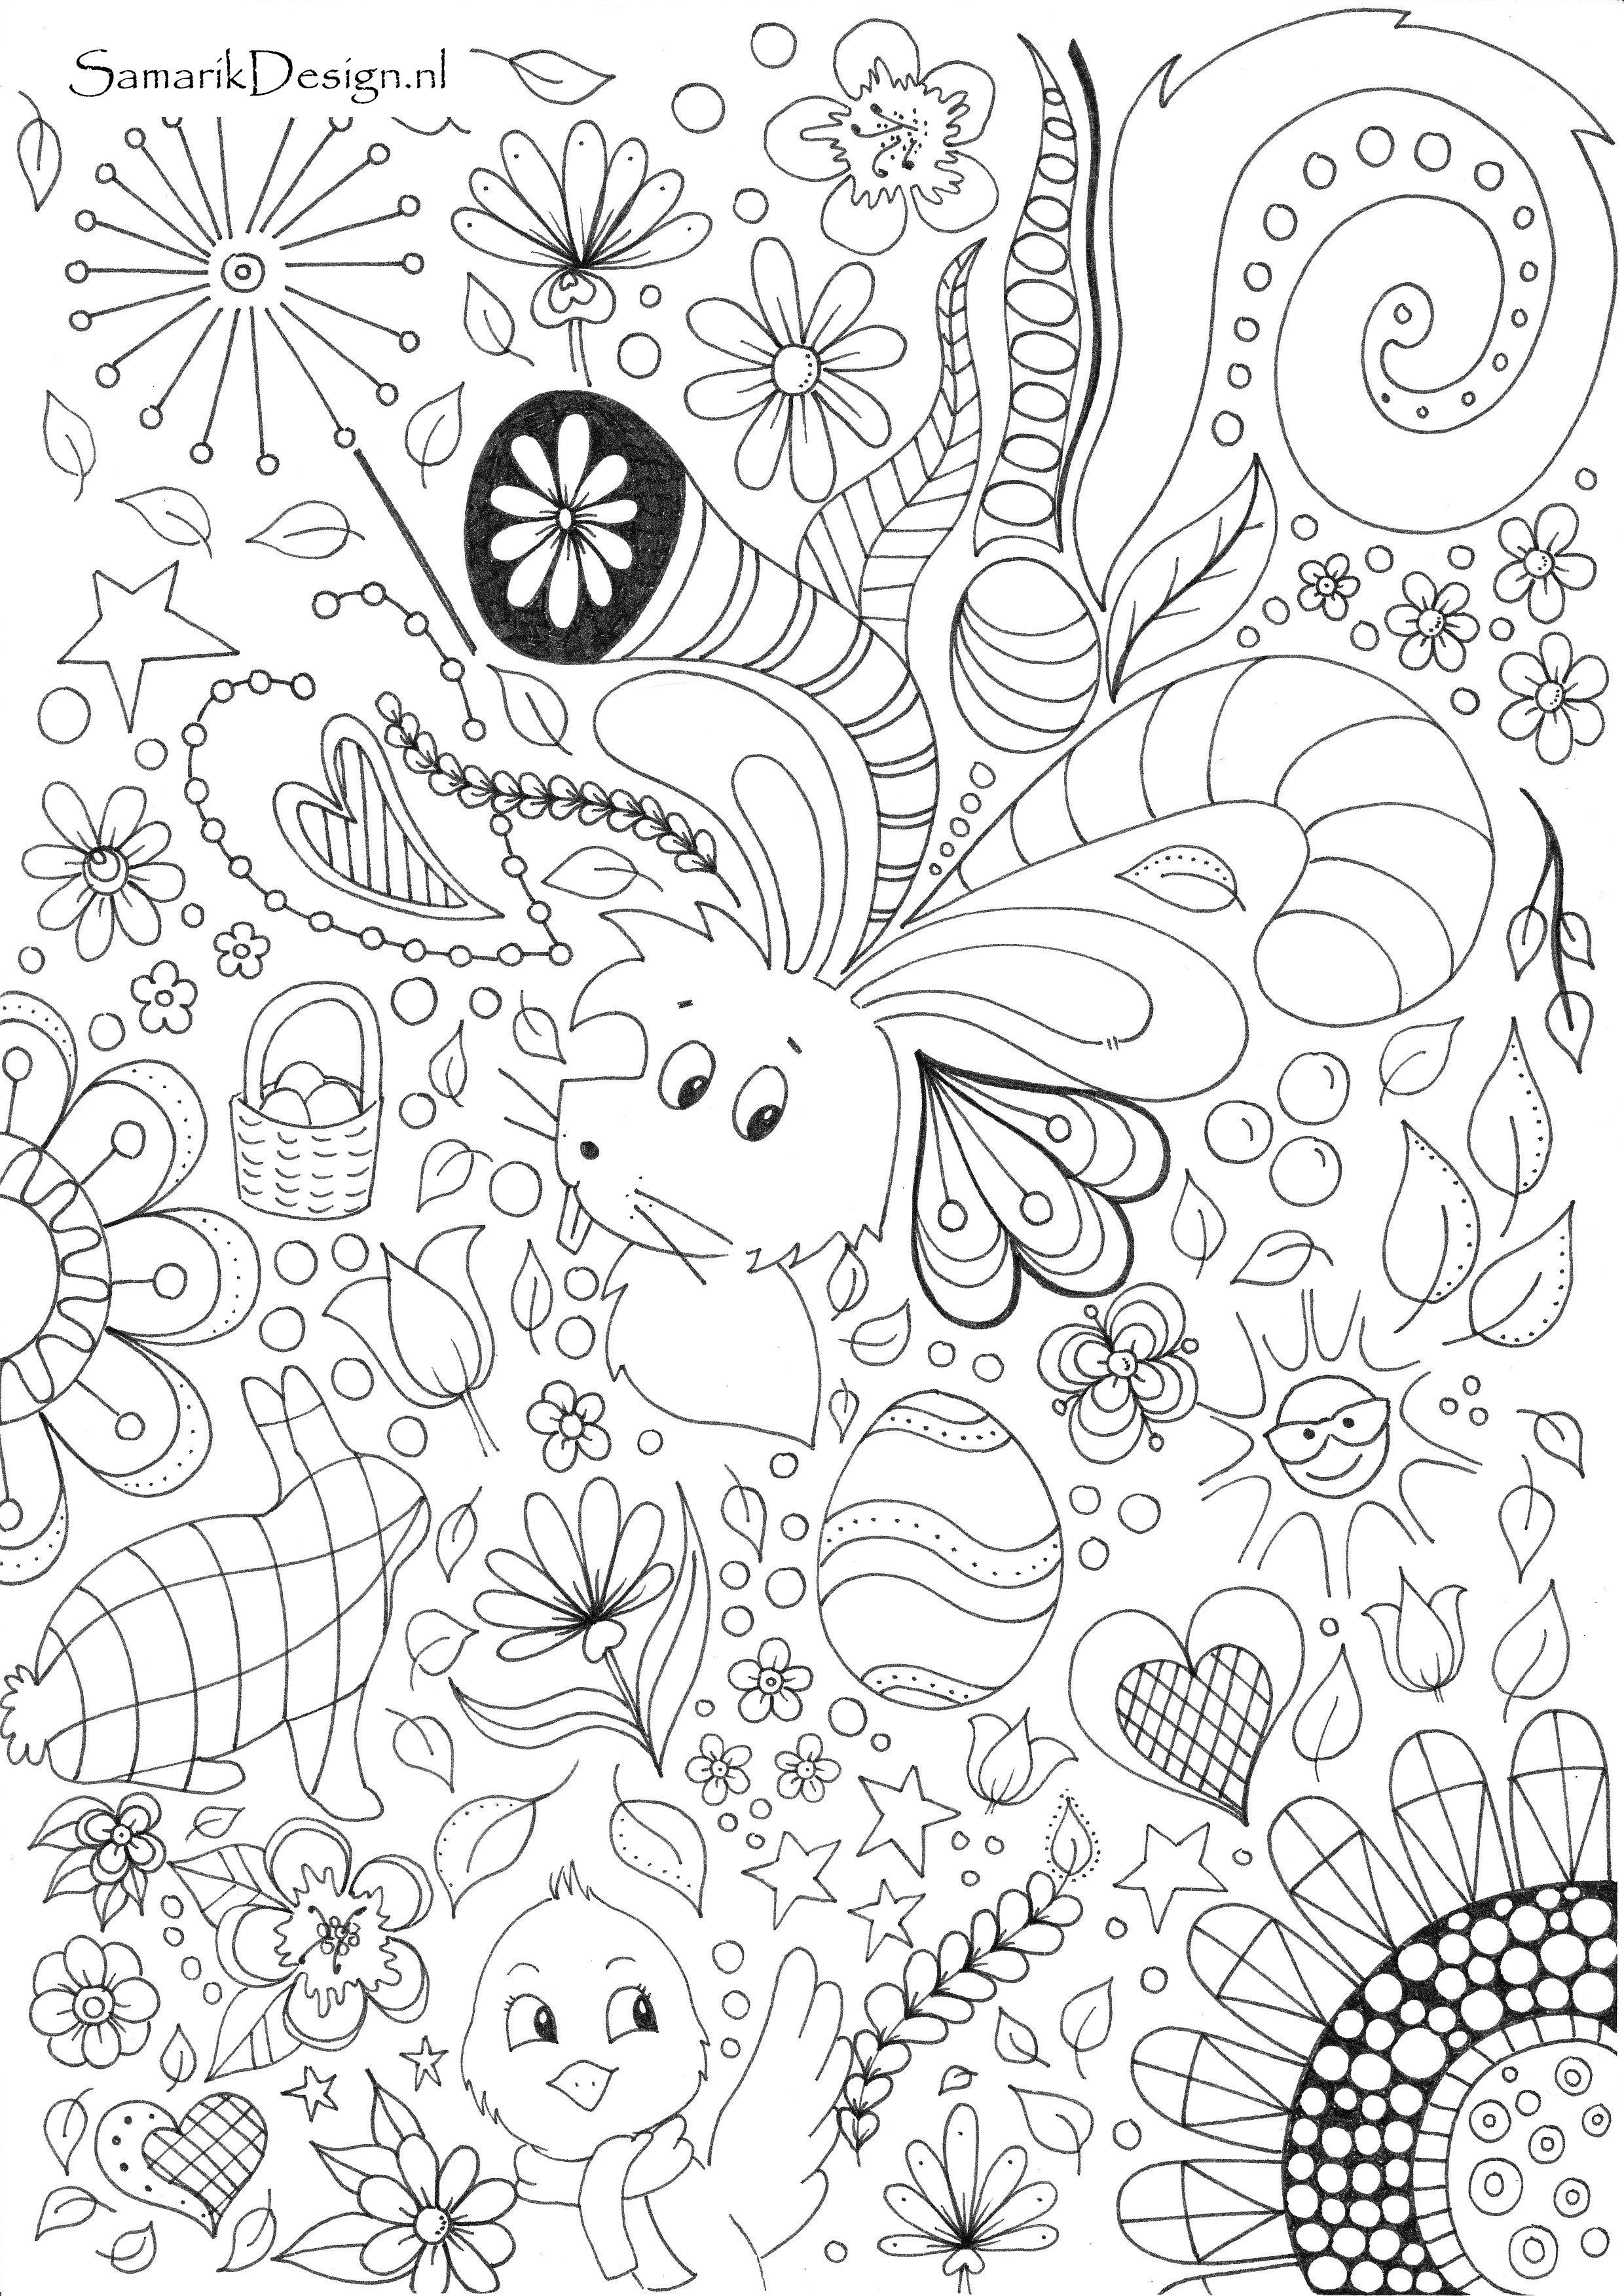 Kleurplaten Volwassenen Pasen.Pasen Easter Kleurplaten Volwassenen Pinterest Adult Coloring